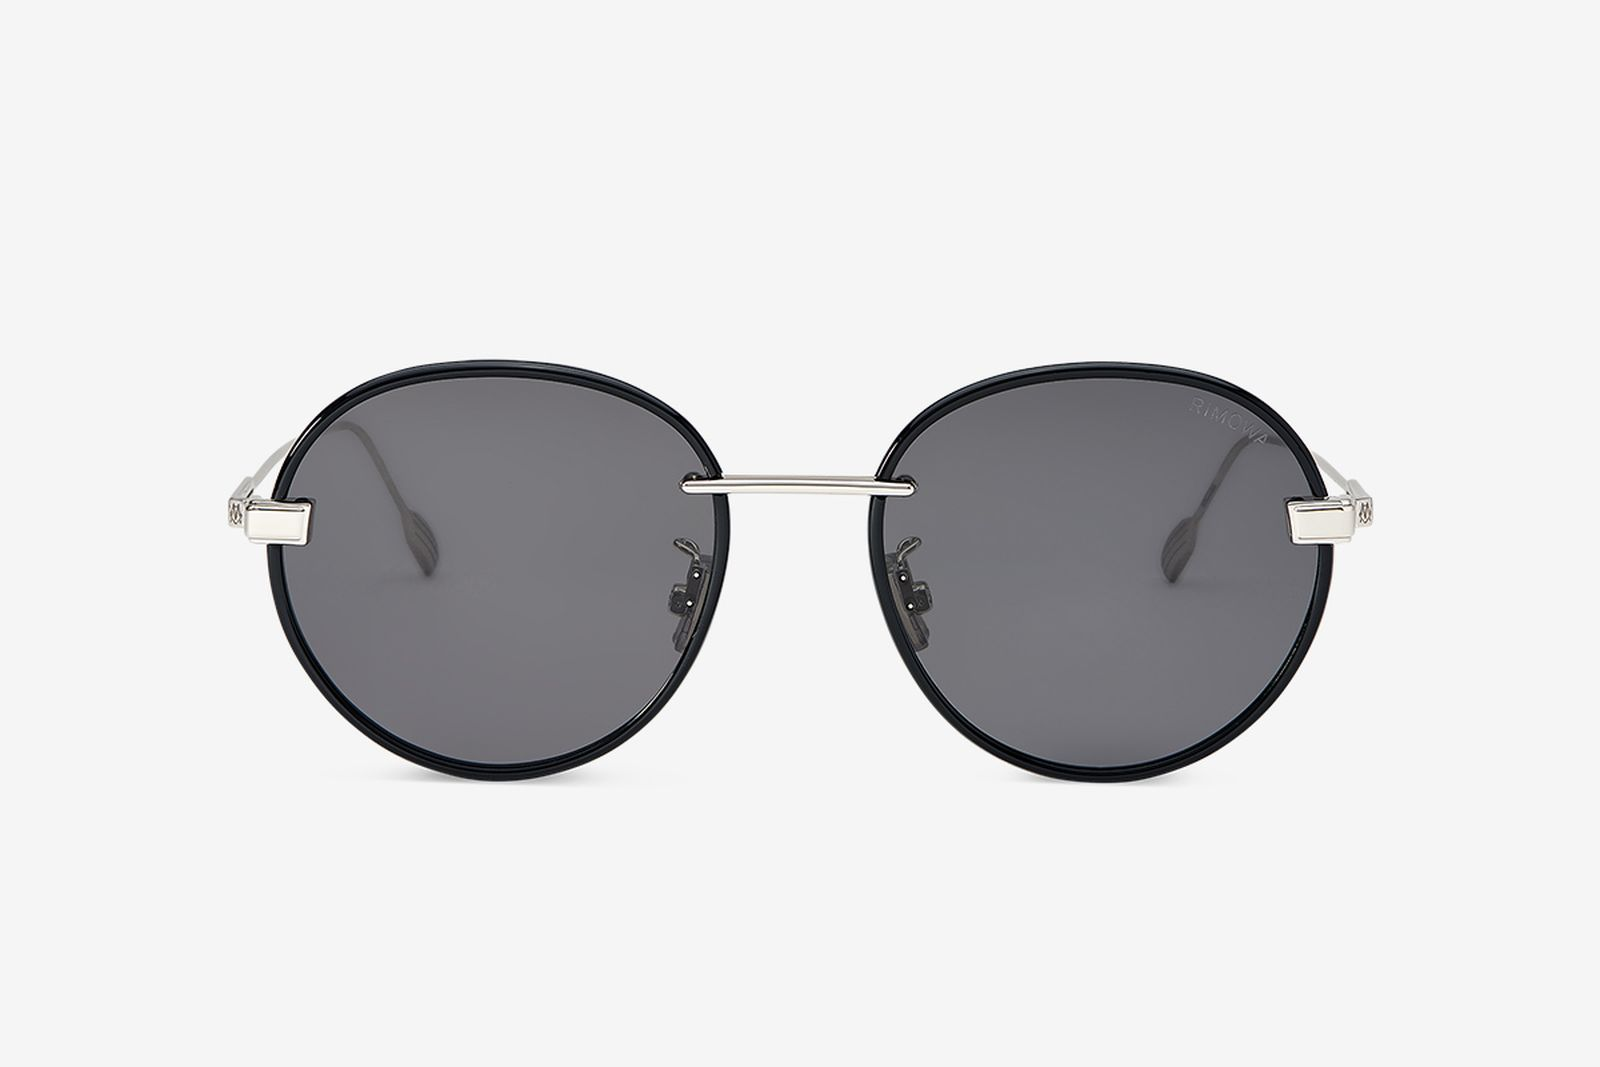 rimowa-eyewear-24